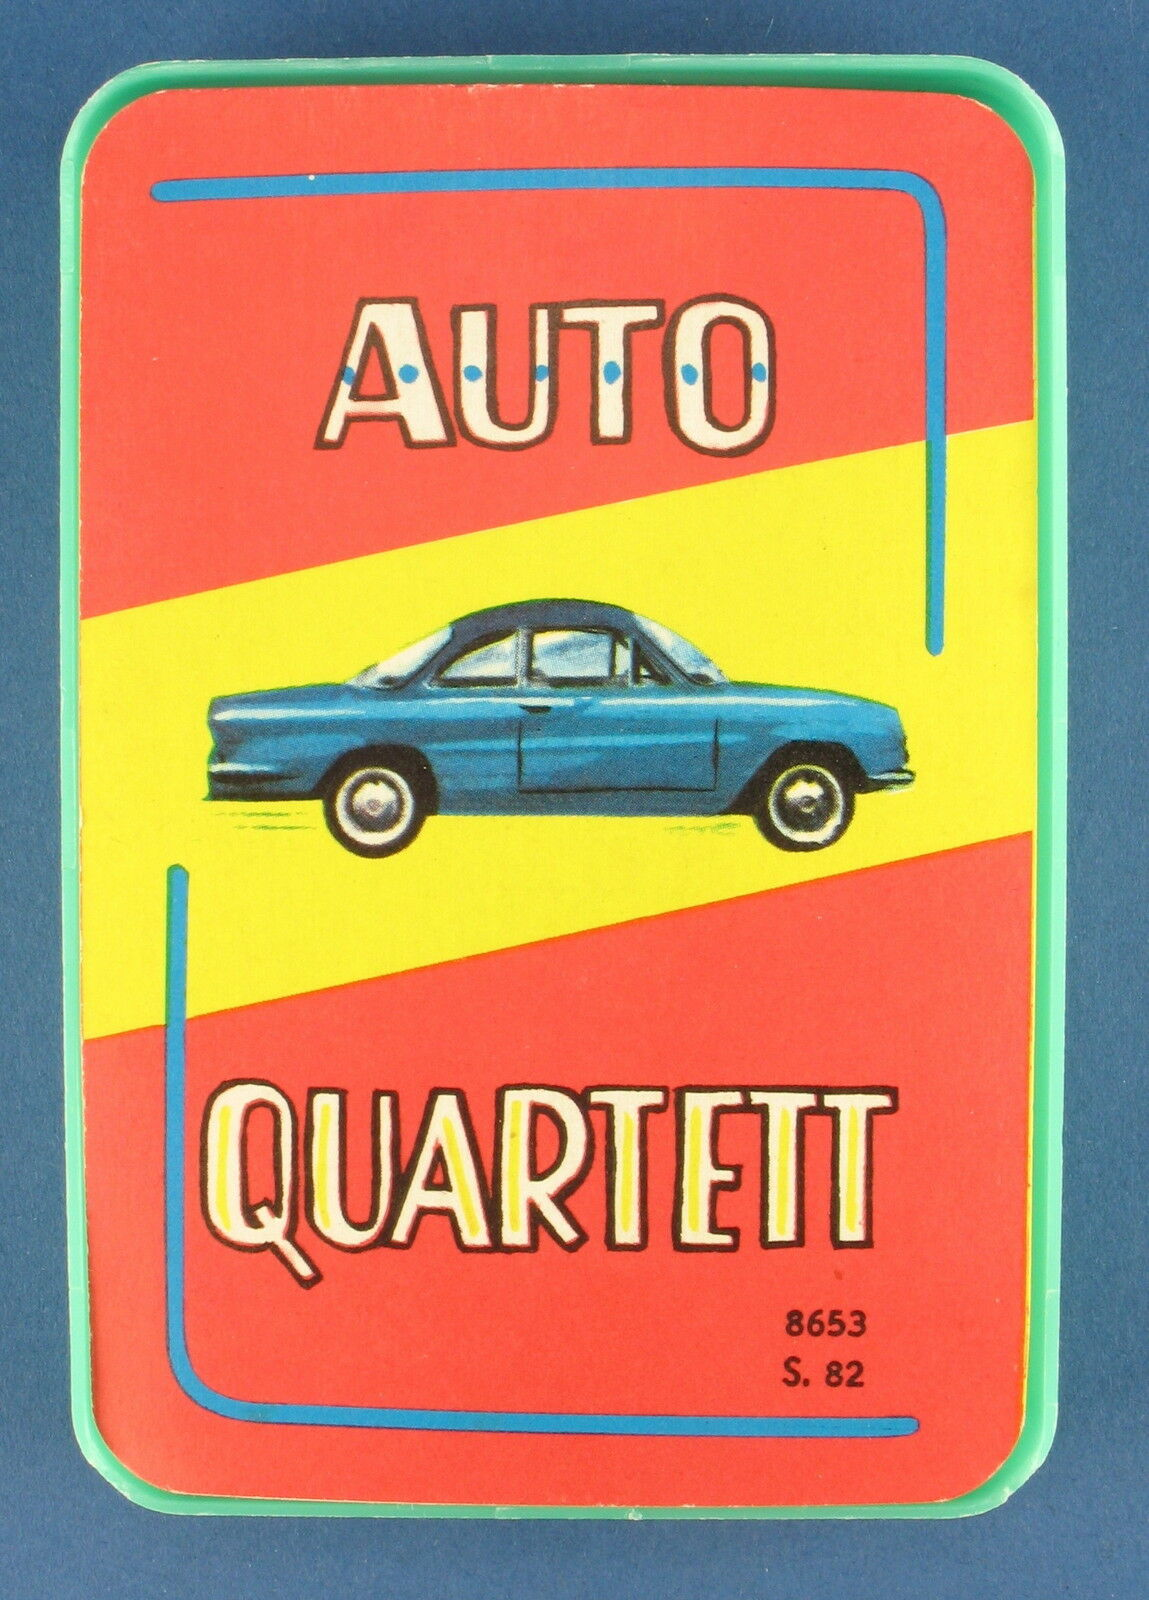 AUTO-Quartetto-s&s - N. 8653 pag. 82-di 1966-Gioco di Carte-gioco quartetto